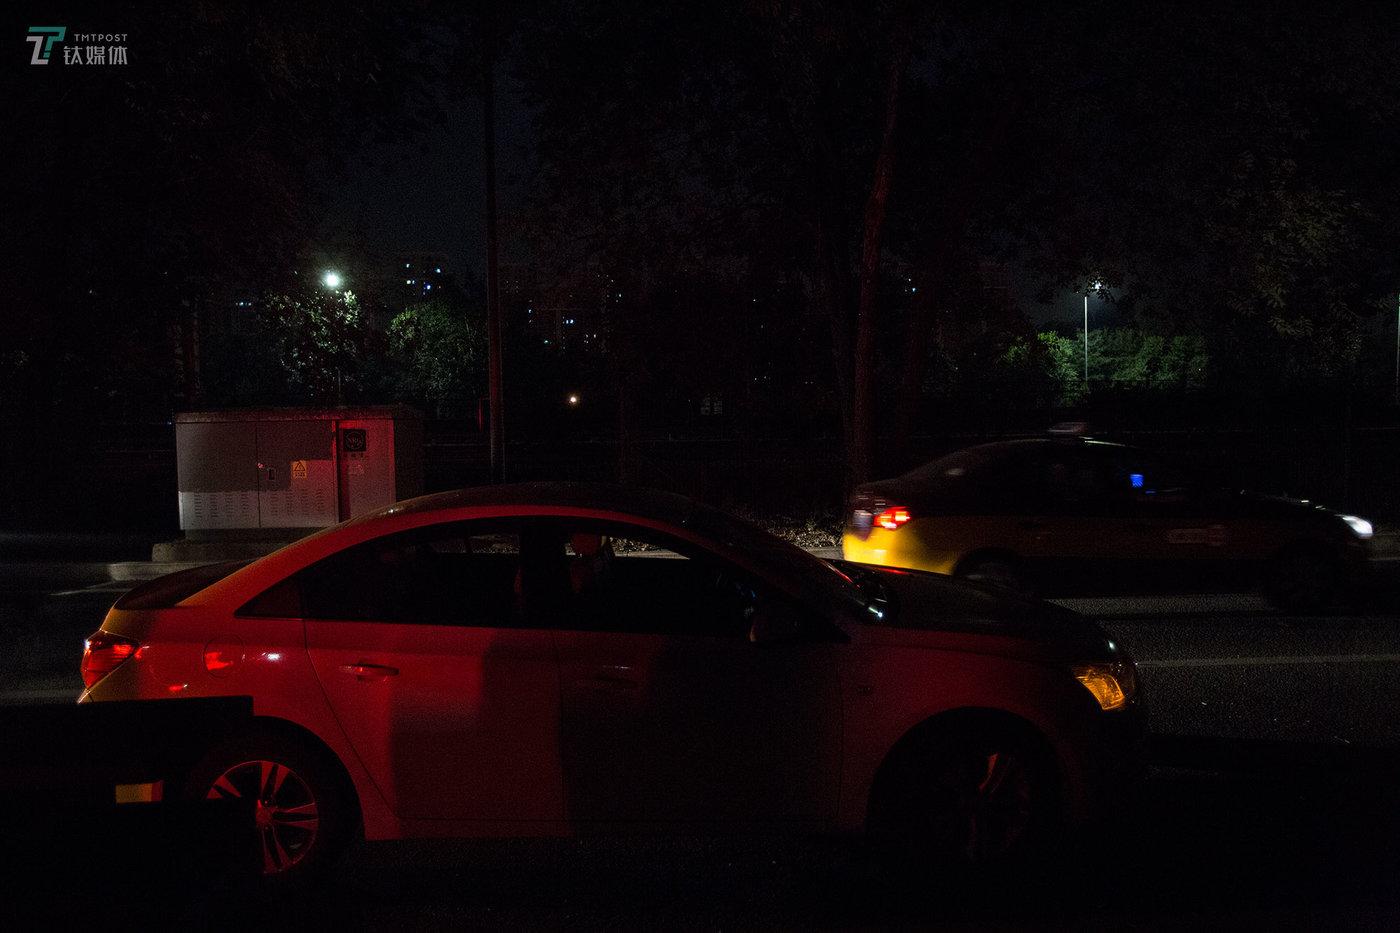 凌晨1点,滴滴司机阿明准备开始夜班。